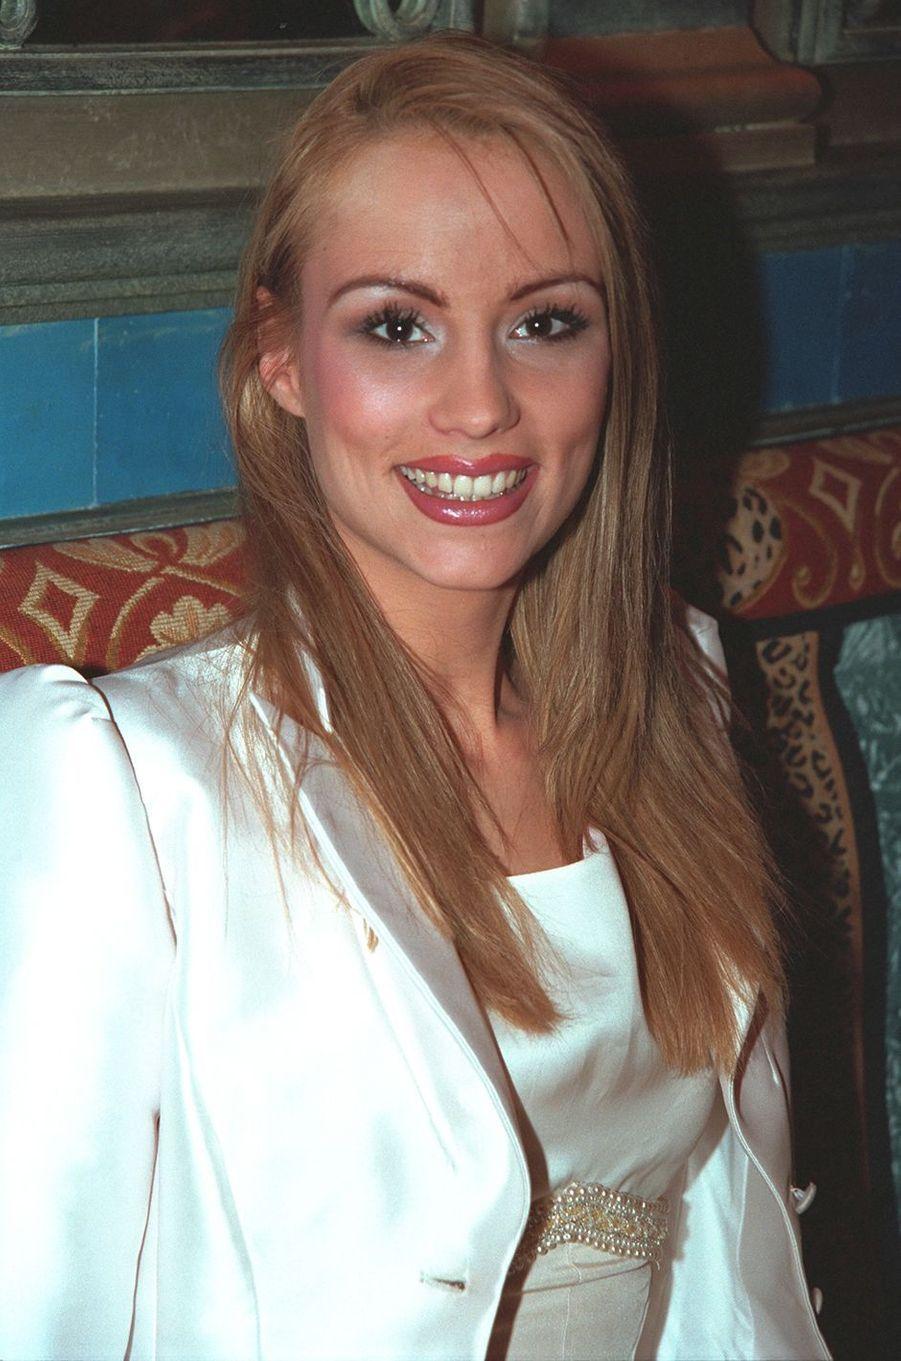 Elodie Gossuin aux célébrations des 20 ans de Sonia Rolland à Paris en février 2001